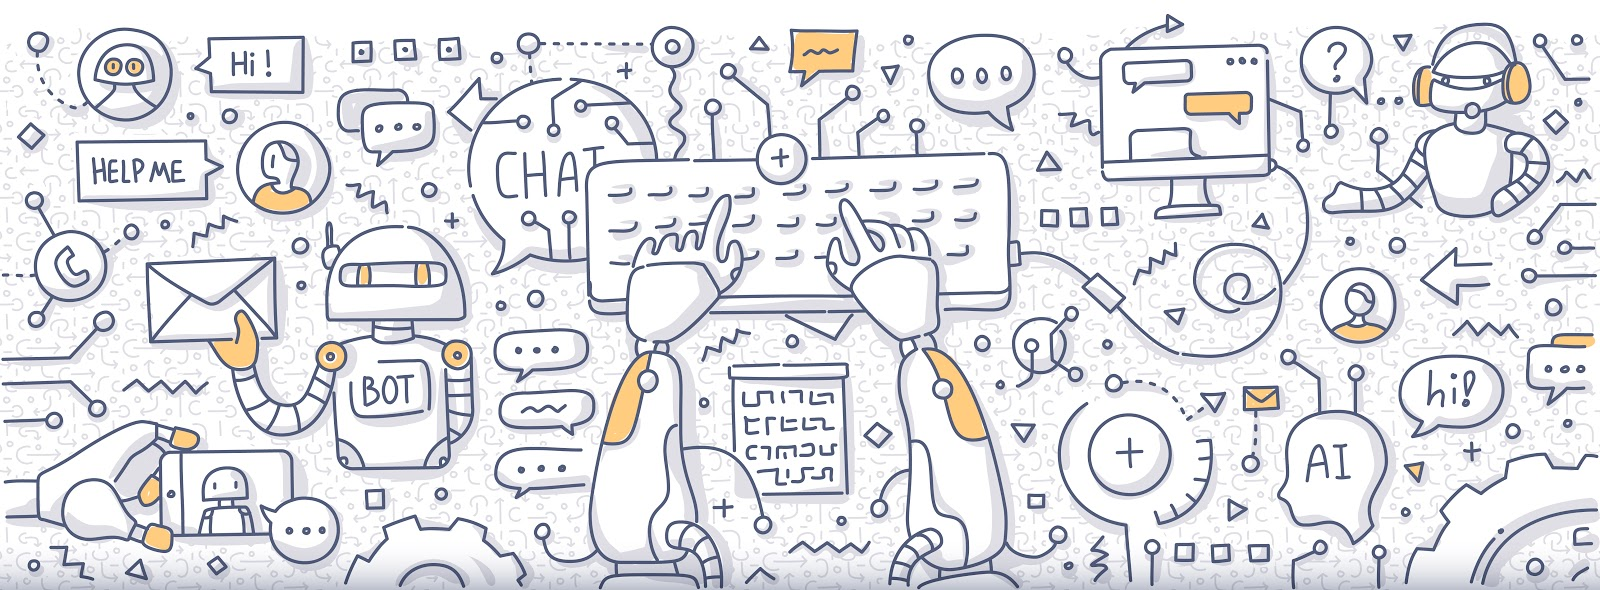 Chatbot Doodle Concept